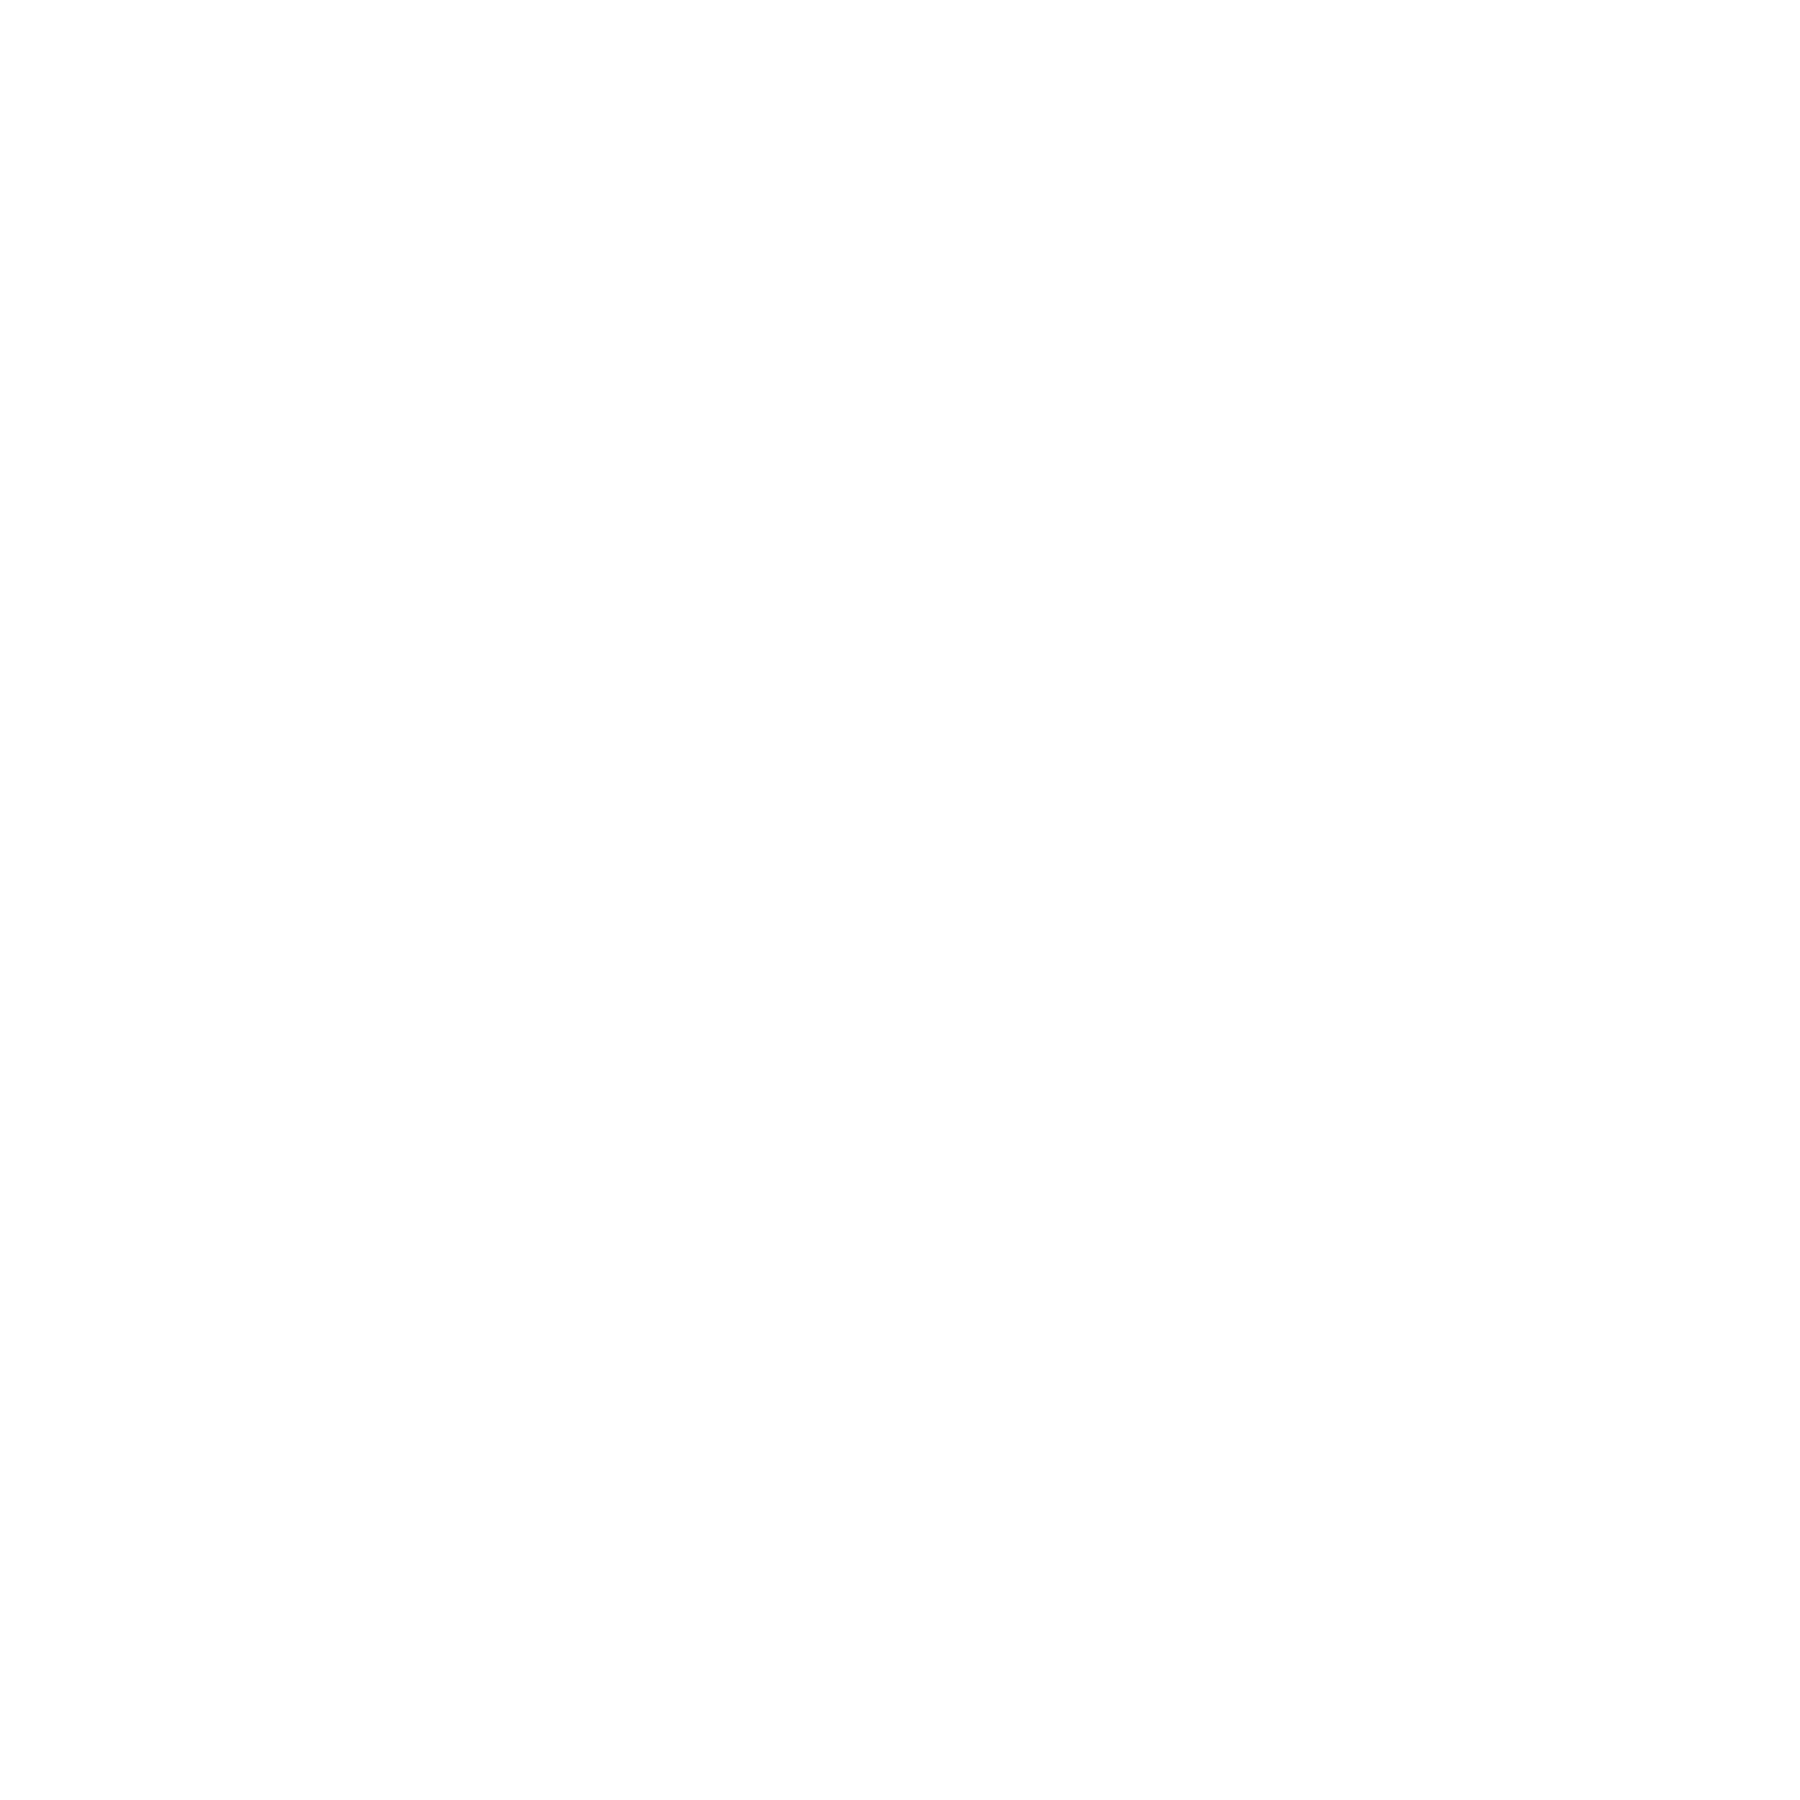 lG_920lM